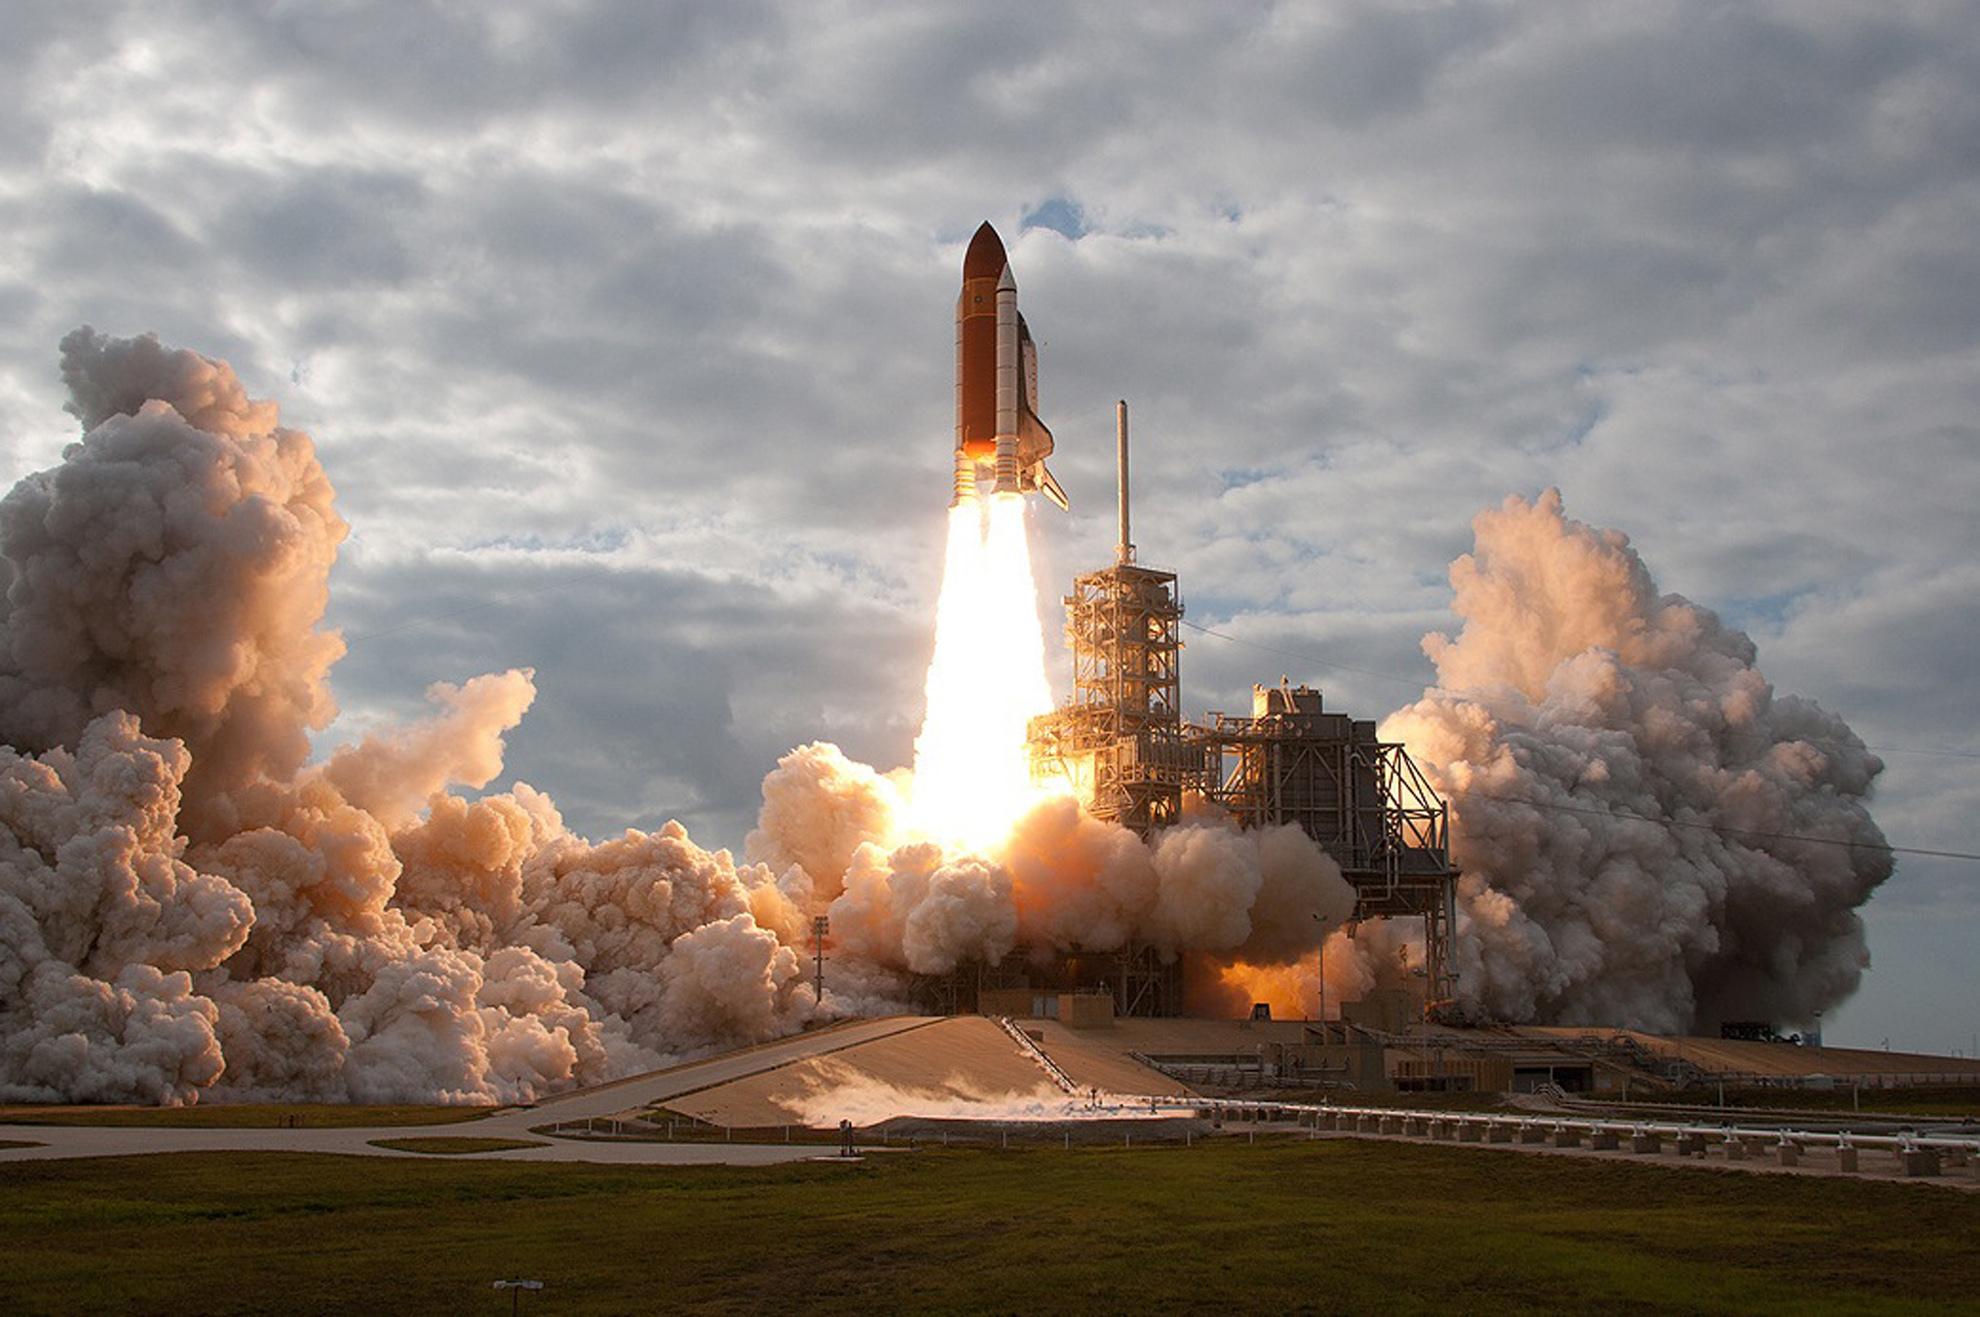 космическая ракета взлет фото днем